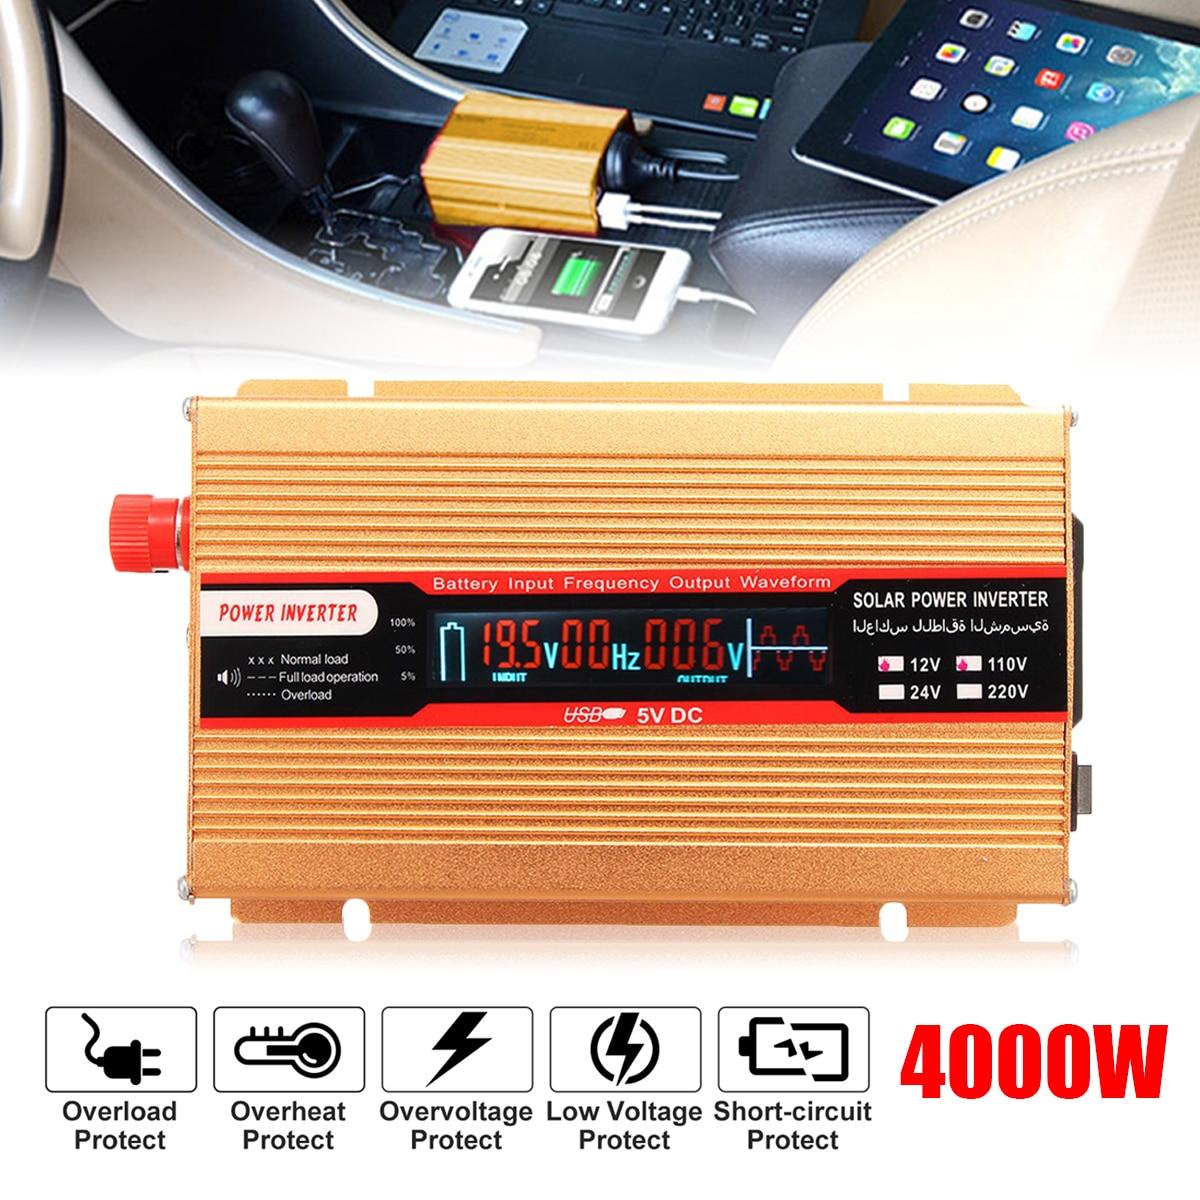 Voltage Transformer PEAK 4000W 12/24V To AC 220/110V Car Power Inverter USB Modified Sine Wave Converter for Various Appliances peak 5000w 12 24v to ac 220 110v car power inverter usb modified sine wave converter voltage transformer for various appliances